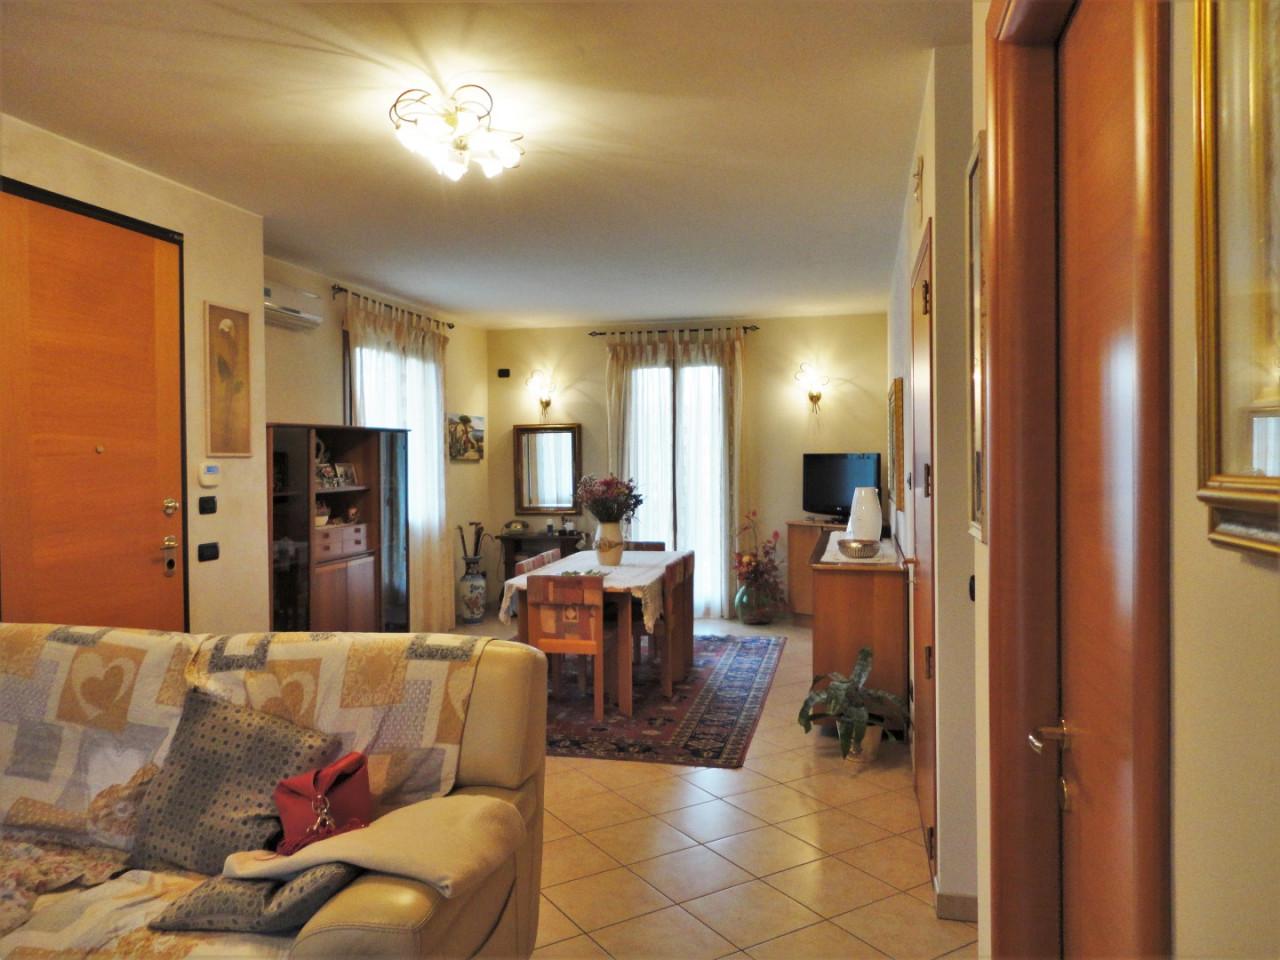 C499 Splendida porzione di testa con giardino di 1.000 mq in vendita ad Abano Terme https://media.gestionaleimmobiliare.it/foto/annunci/191129/2115917/1280x1280/002__3_salotto__large.jpg